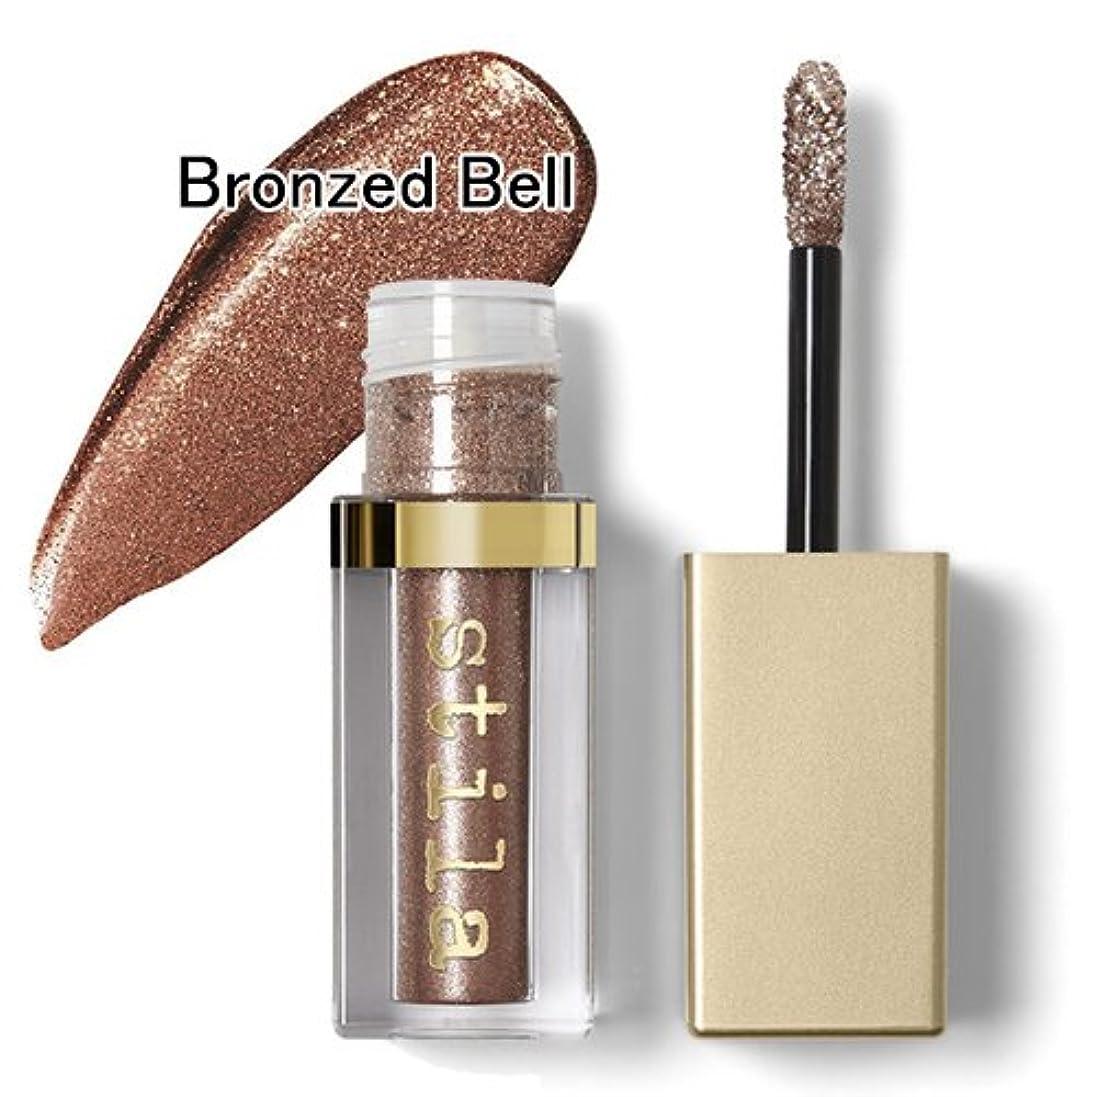 シェフ強調信頼性スティラ グリッター&グロウ リキッド アイシャドウ 4.5ml #Bronzed Bell Stila [並行輸入品]